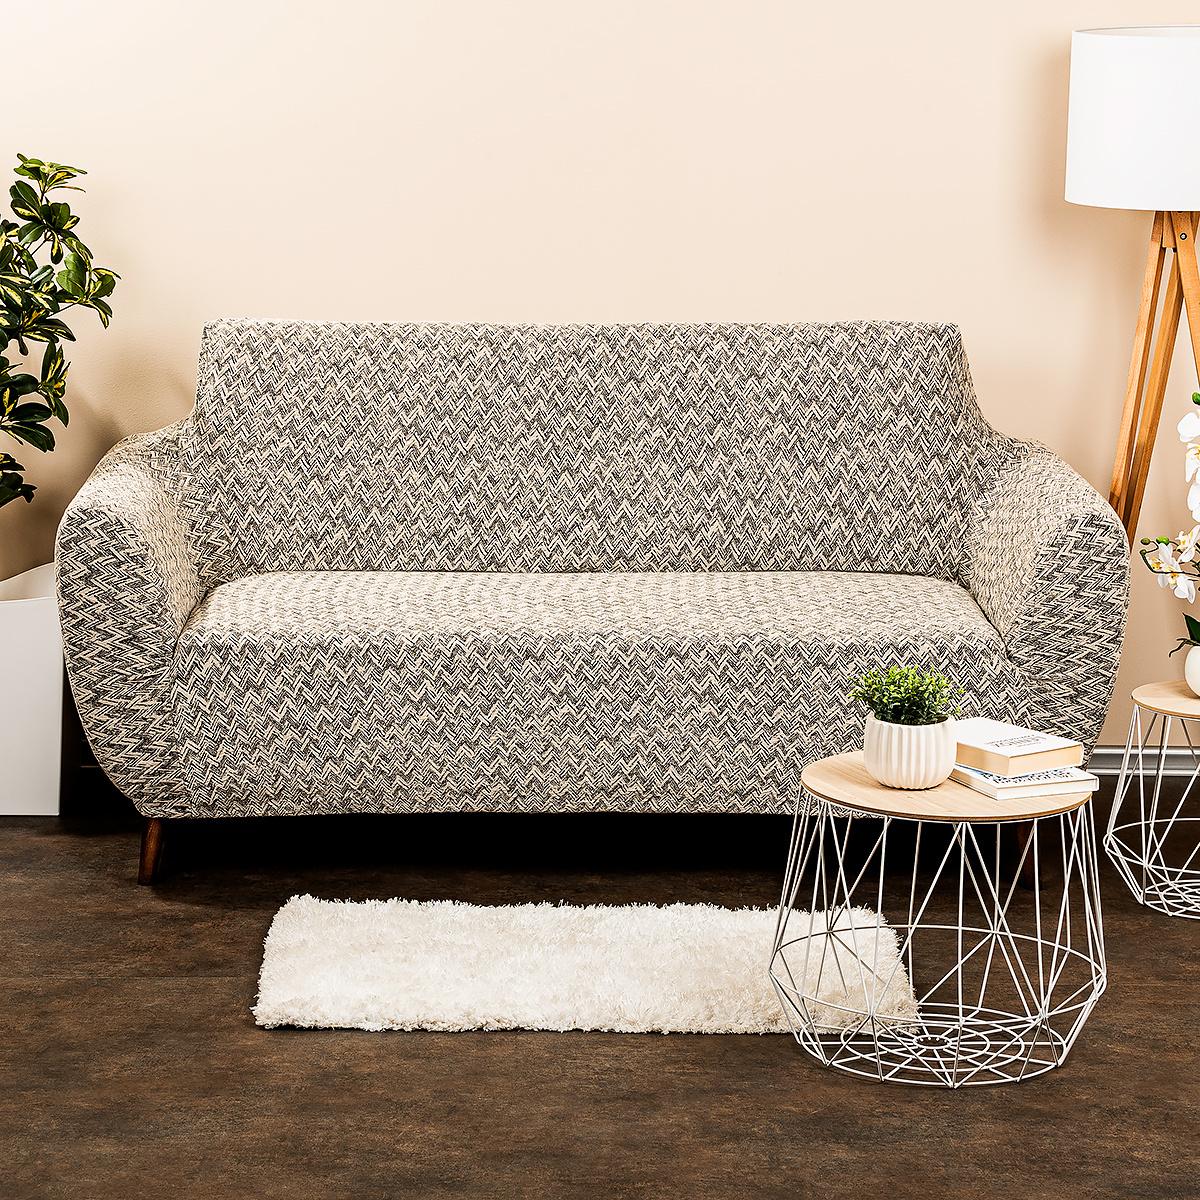 Husă multielastică 4Home Comfort Plus pentru canapea, bej, 140 - 180 cm imagine 2021 e4home.ro